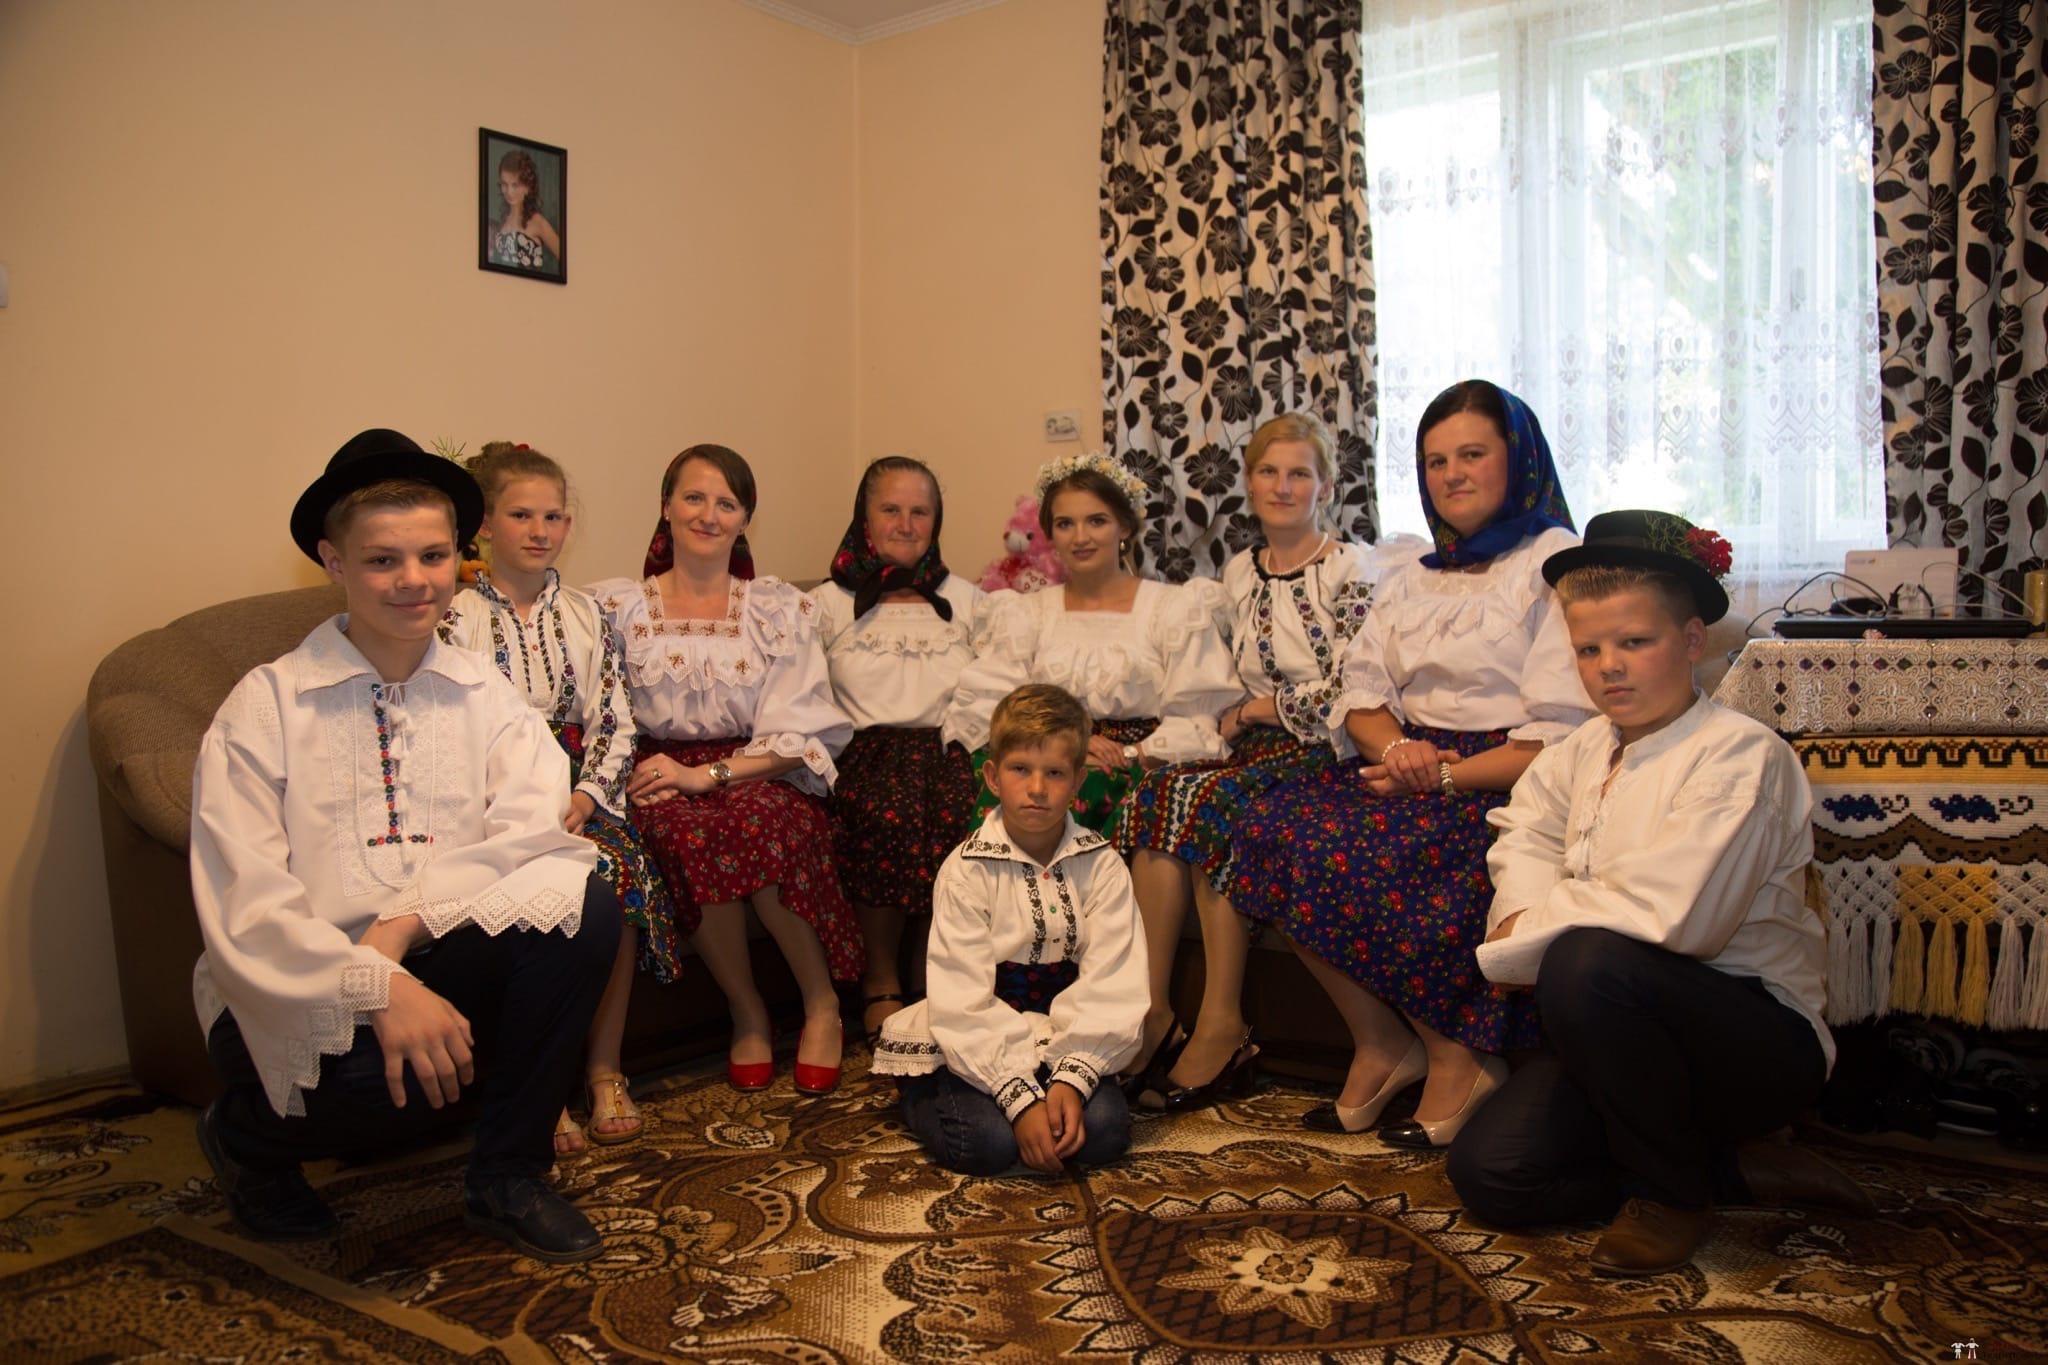 Povești Nunți Tradiționale - Ancuța și Nicu, cununie tradițională în Giulești, Maramureș 5